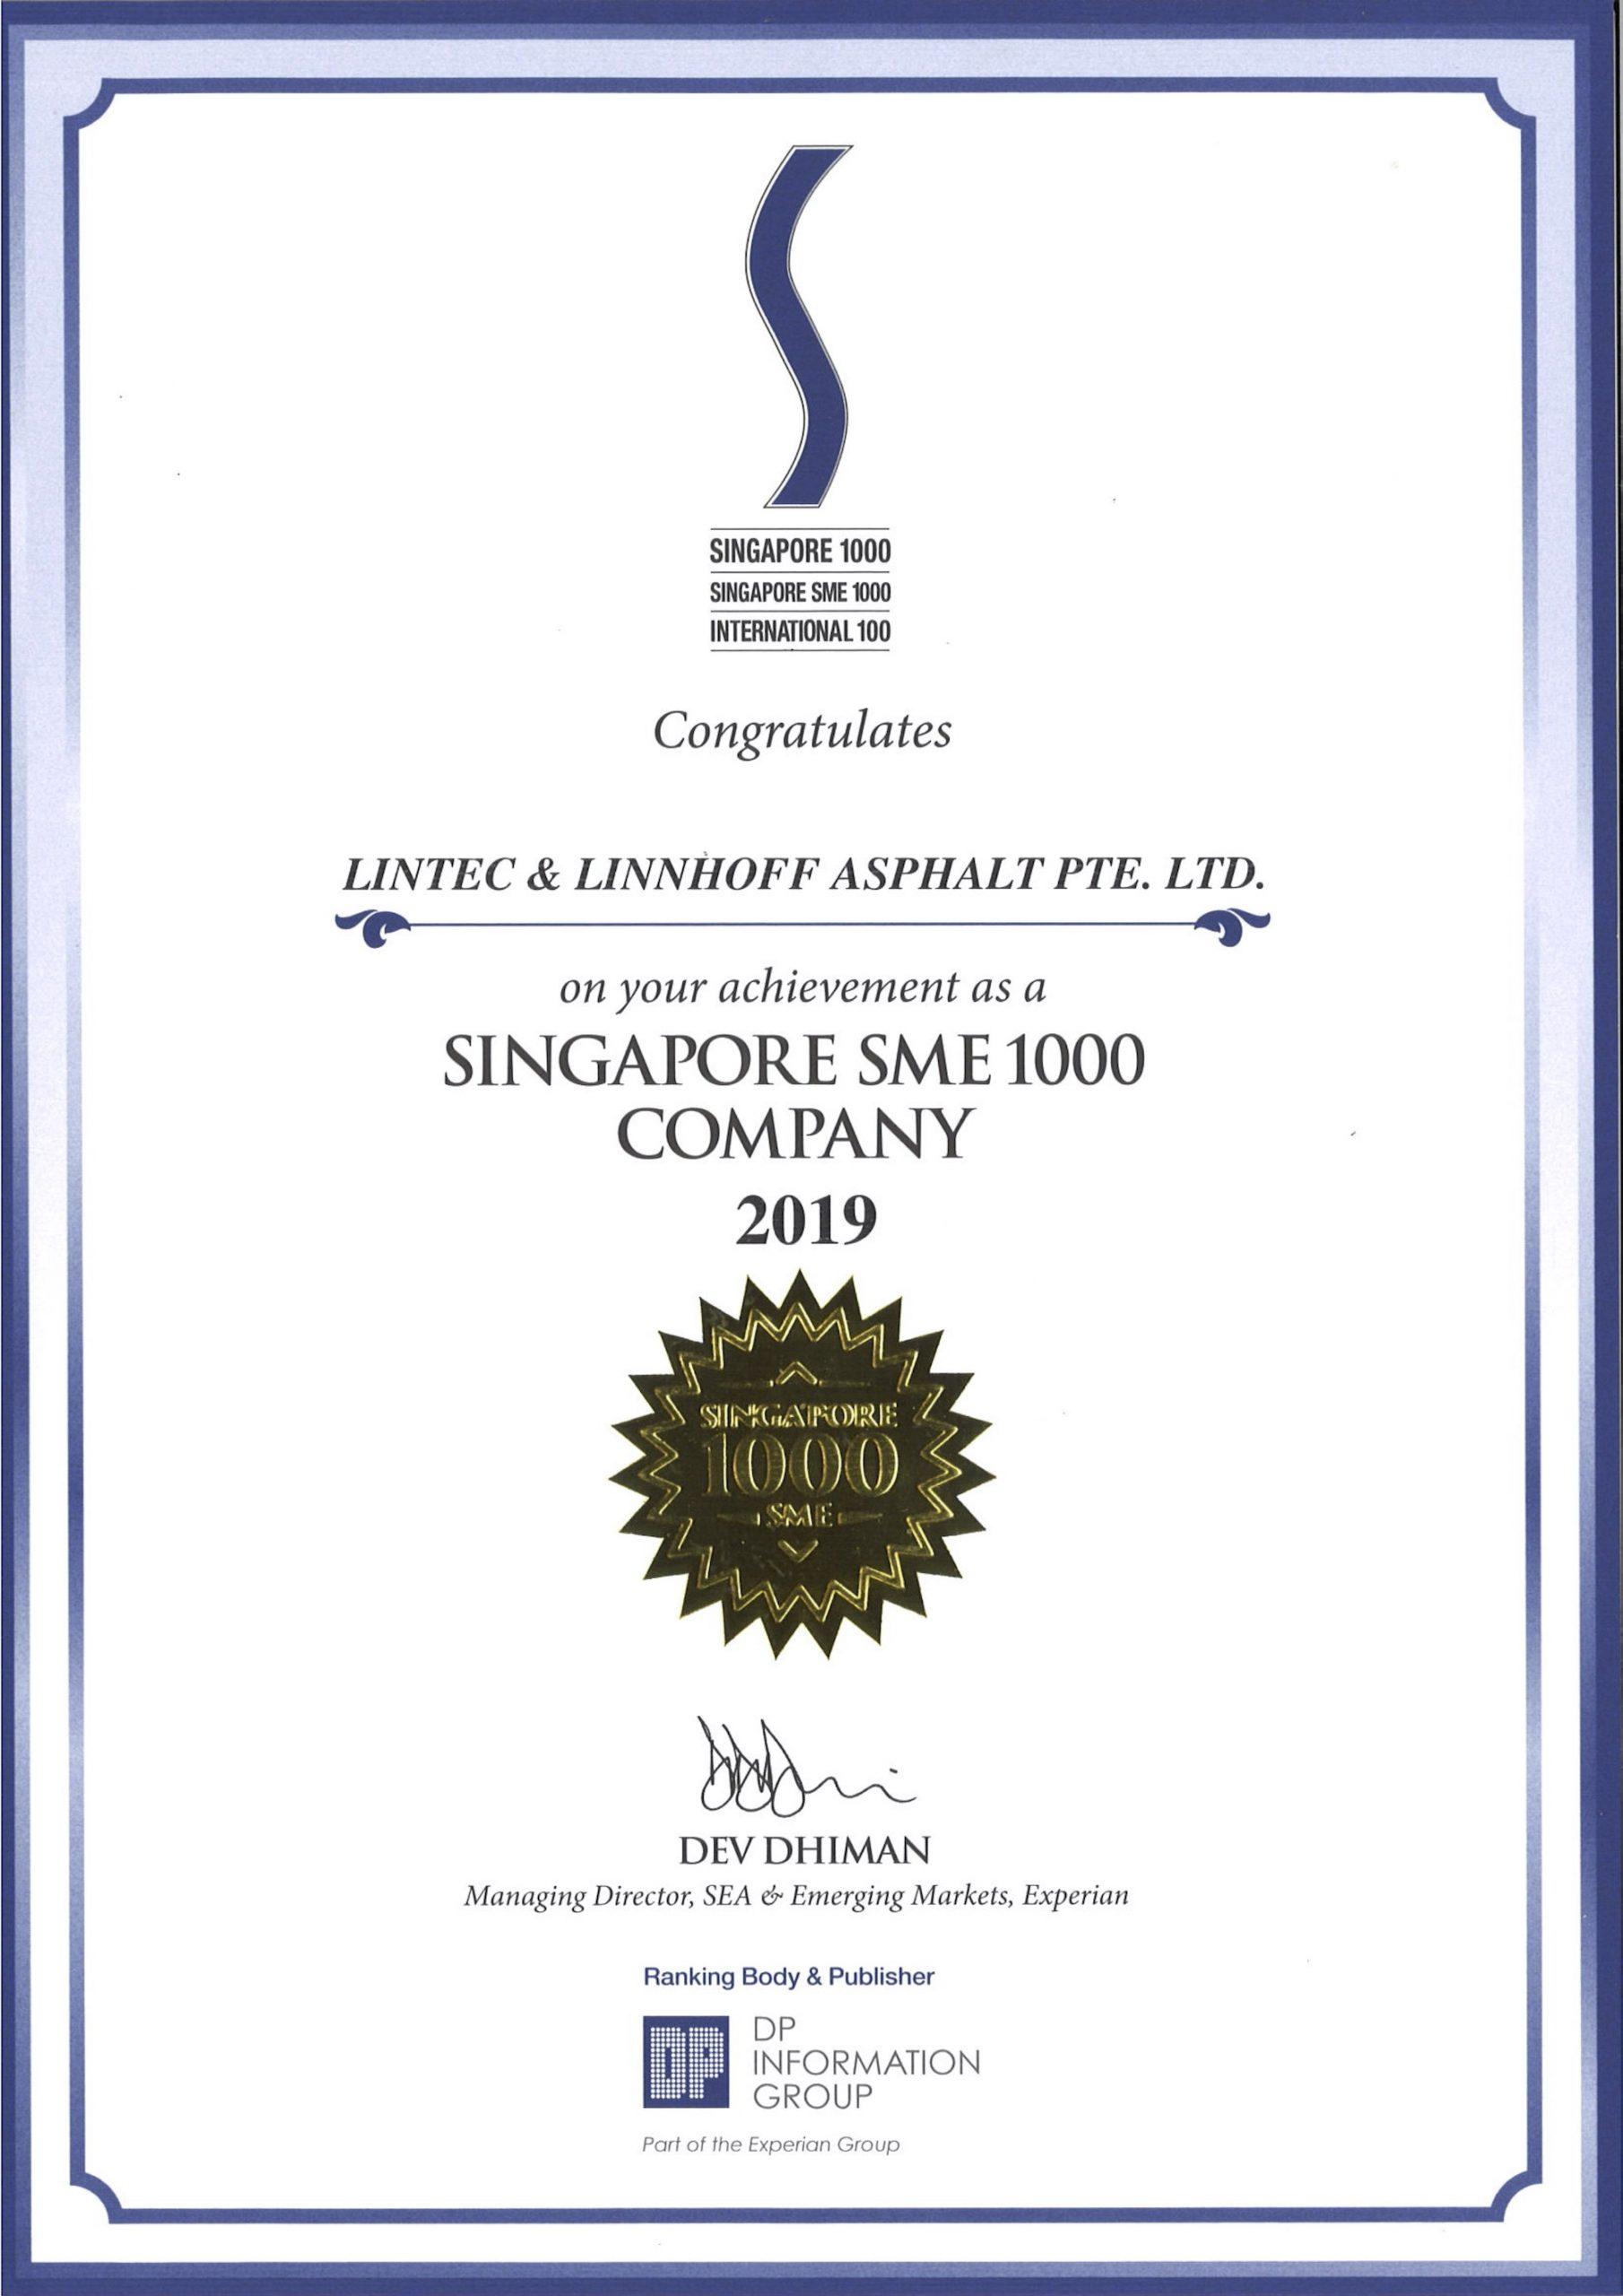 Singapore SME 1000 Company